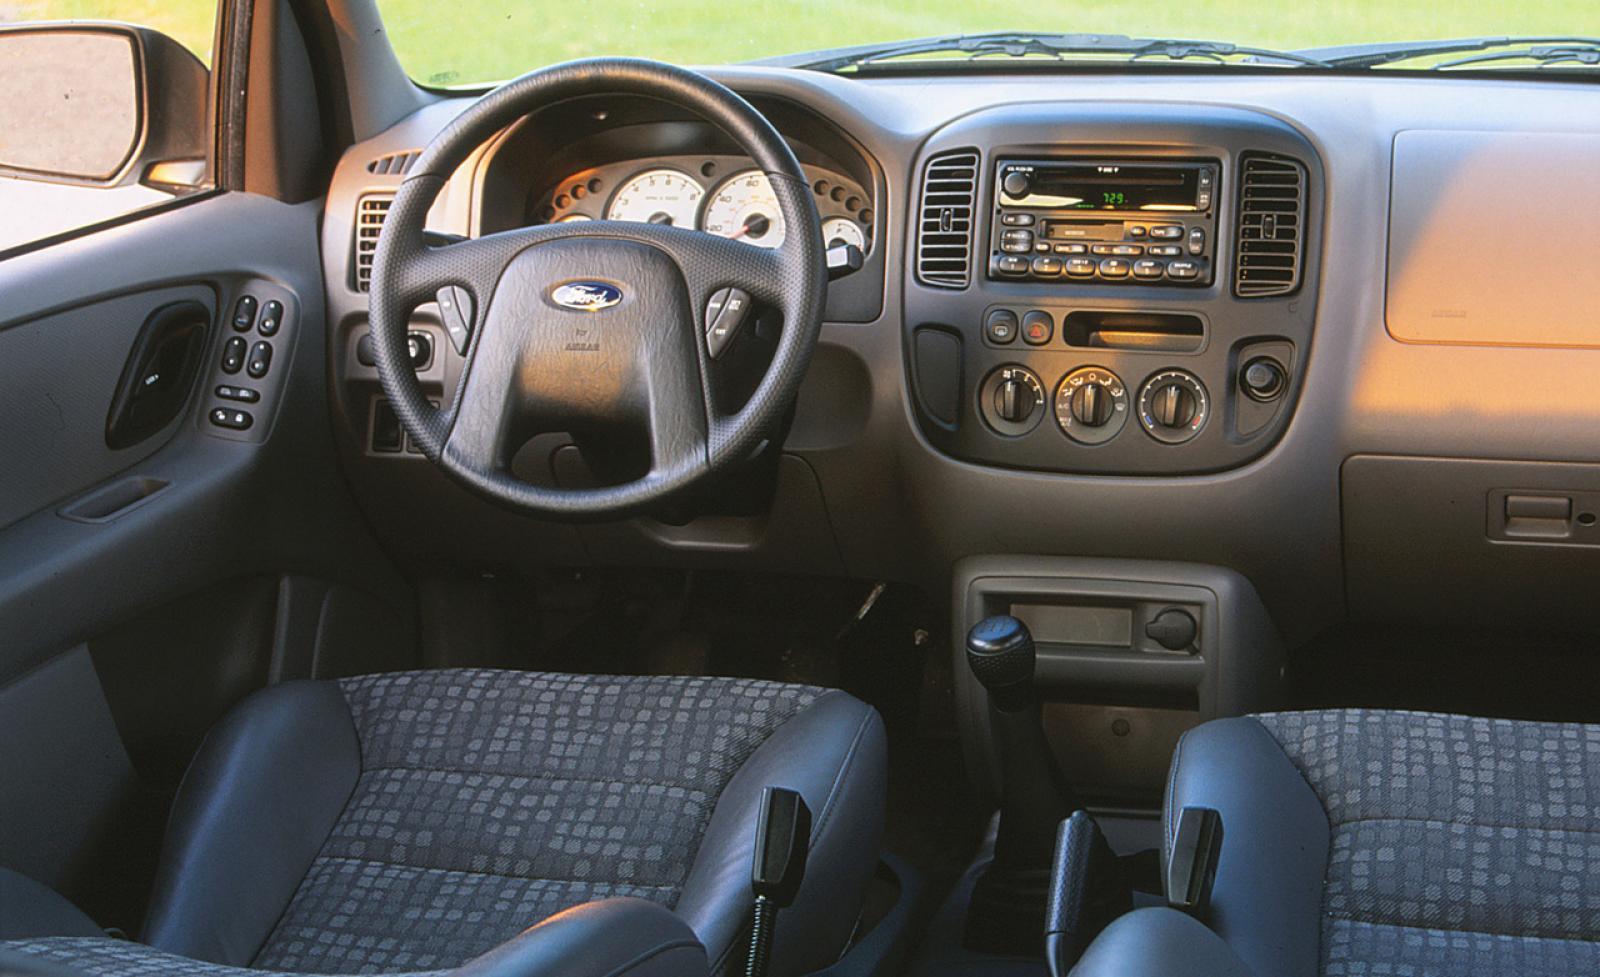 2001 Ford Escape #1 800 1024 1280 1600 origin